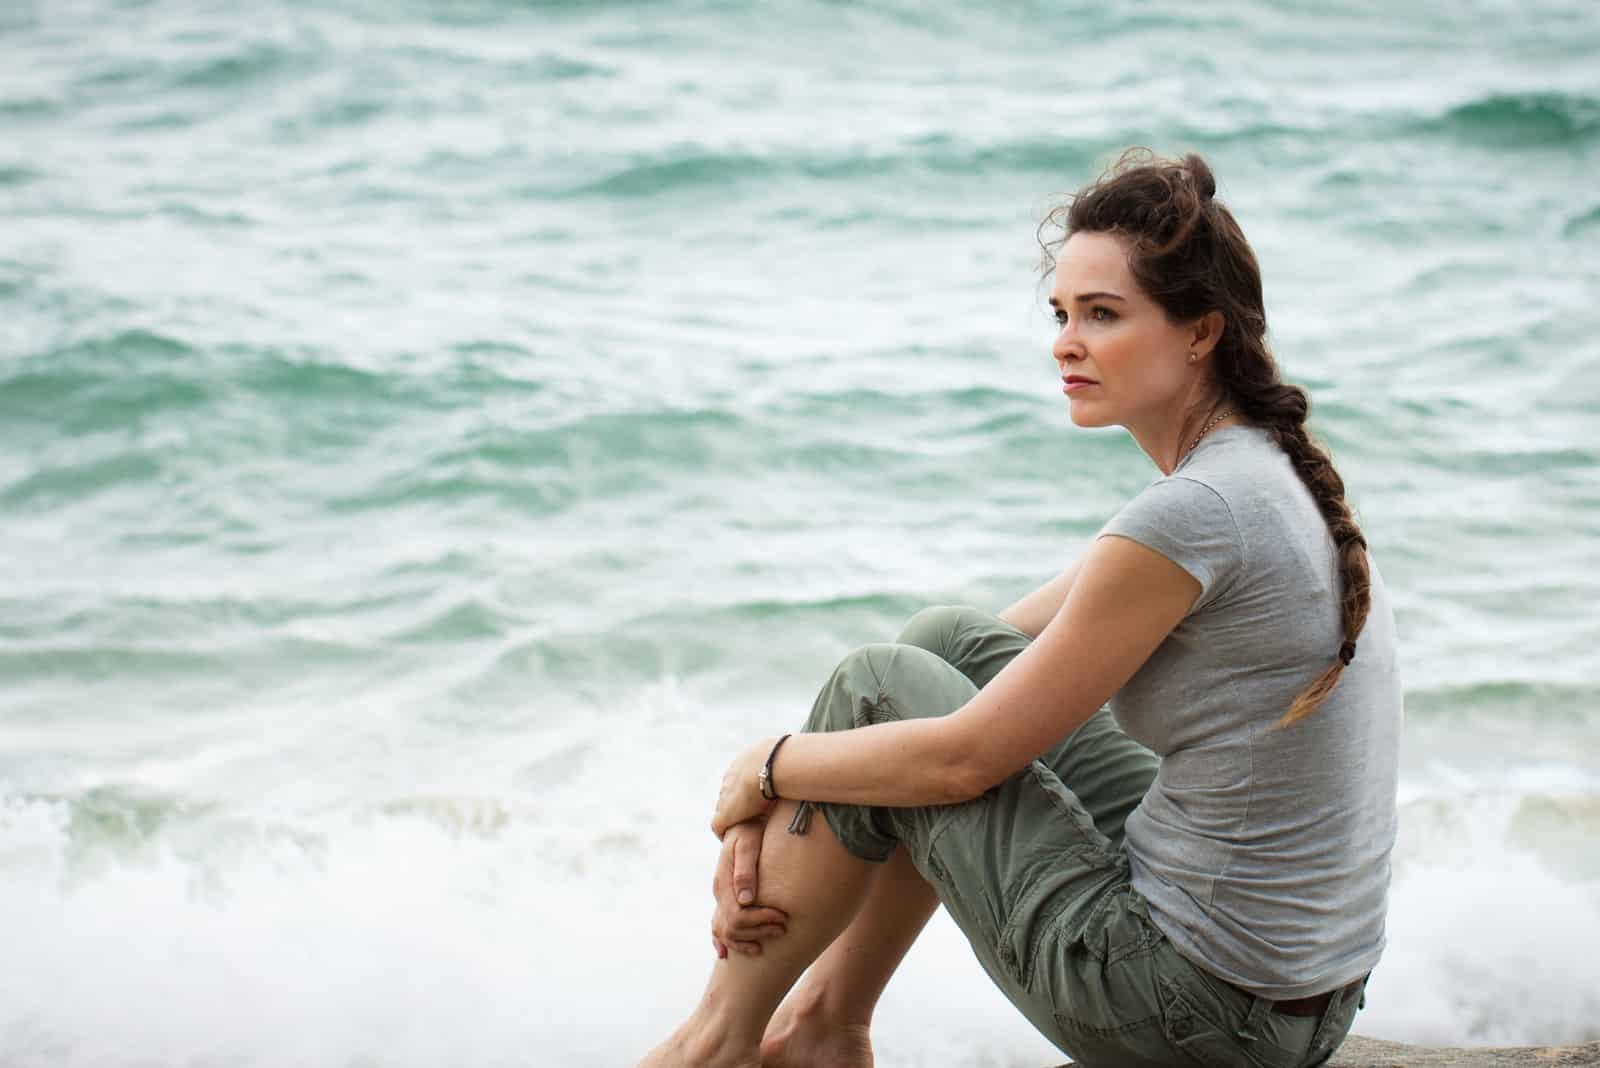 femme pensive assise au bord de l'océan